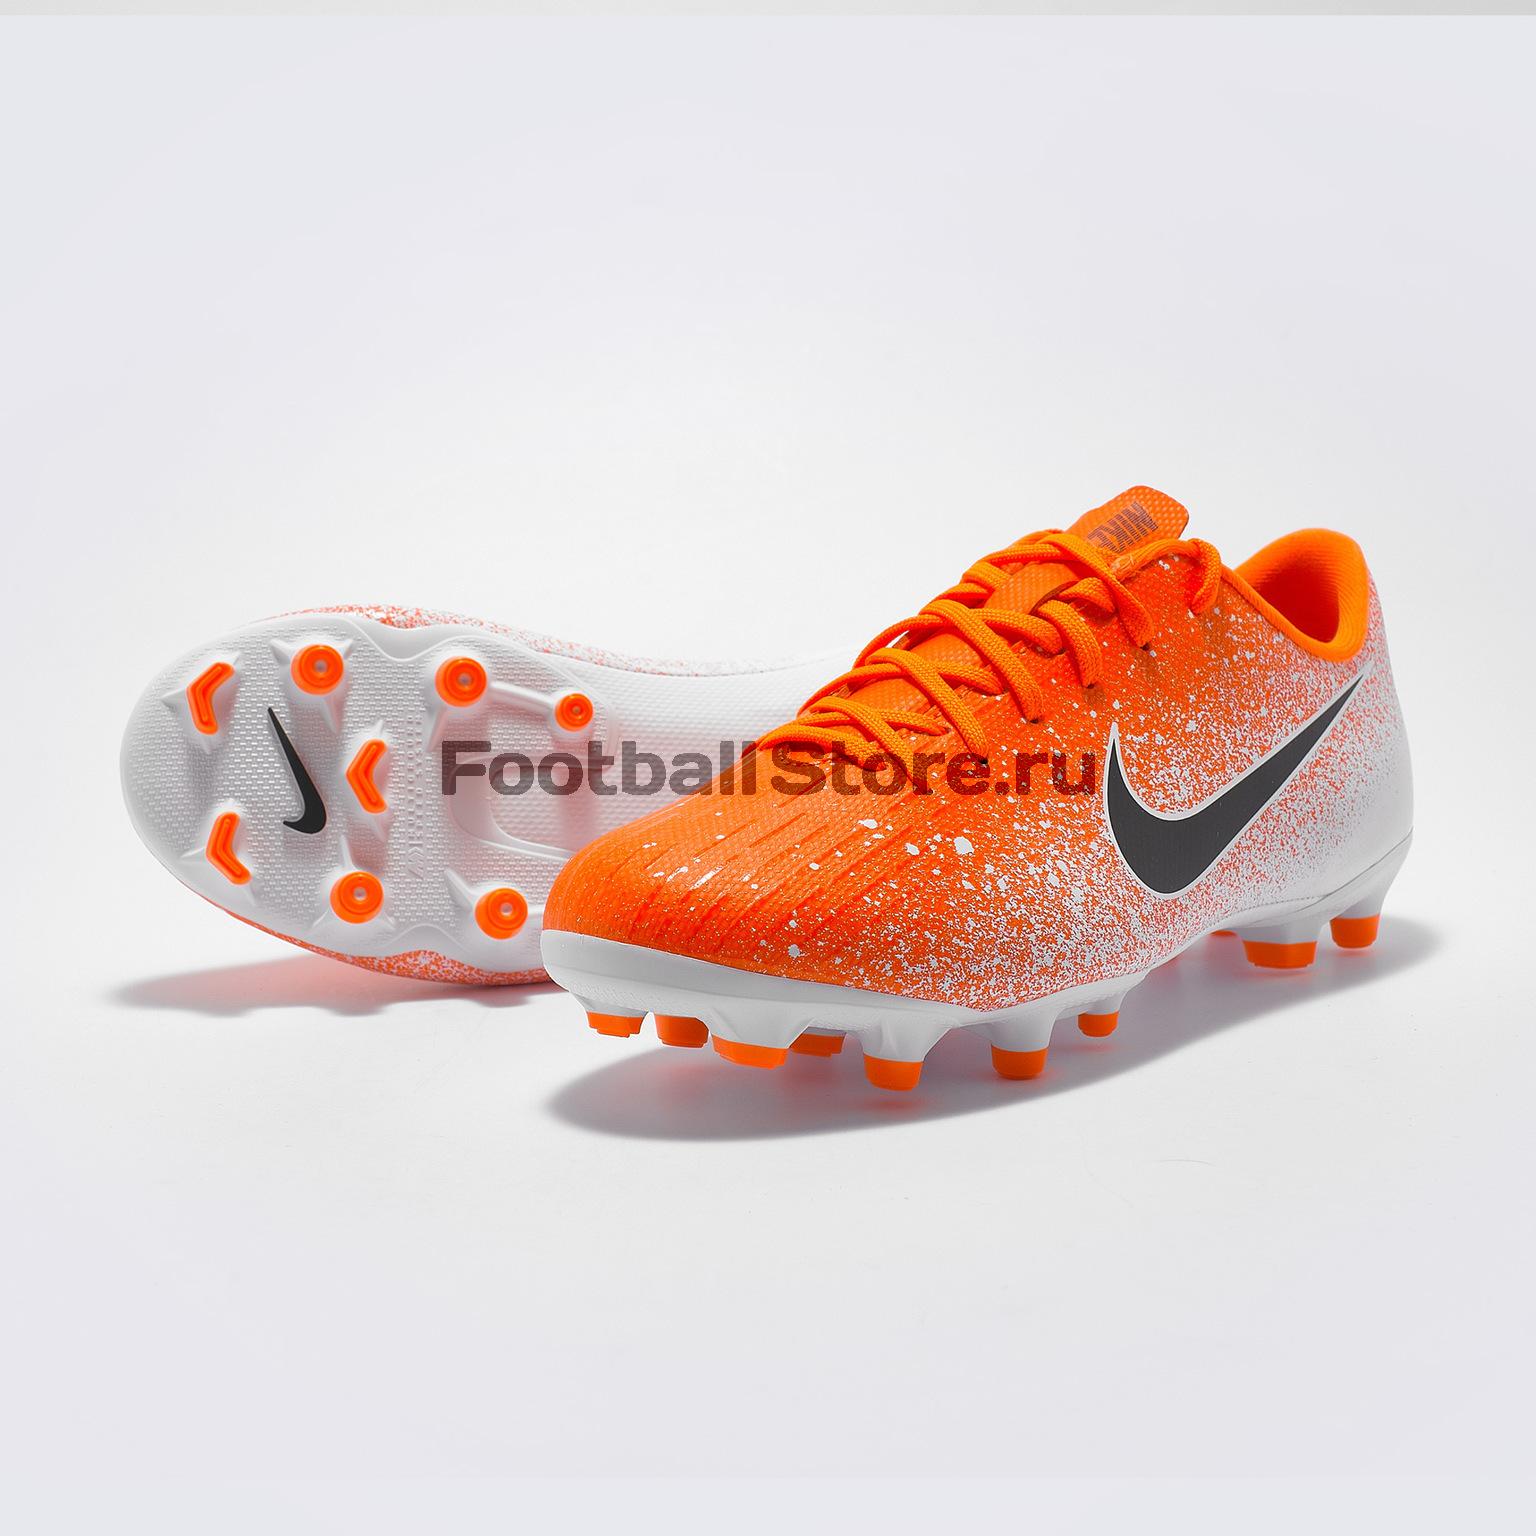 Бутсы детские Nike Vapor 12 Academy GS FG/MG AH7347-801 бутсы детские nike vapor 12 academy gs fg mg ah7347 070